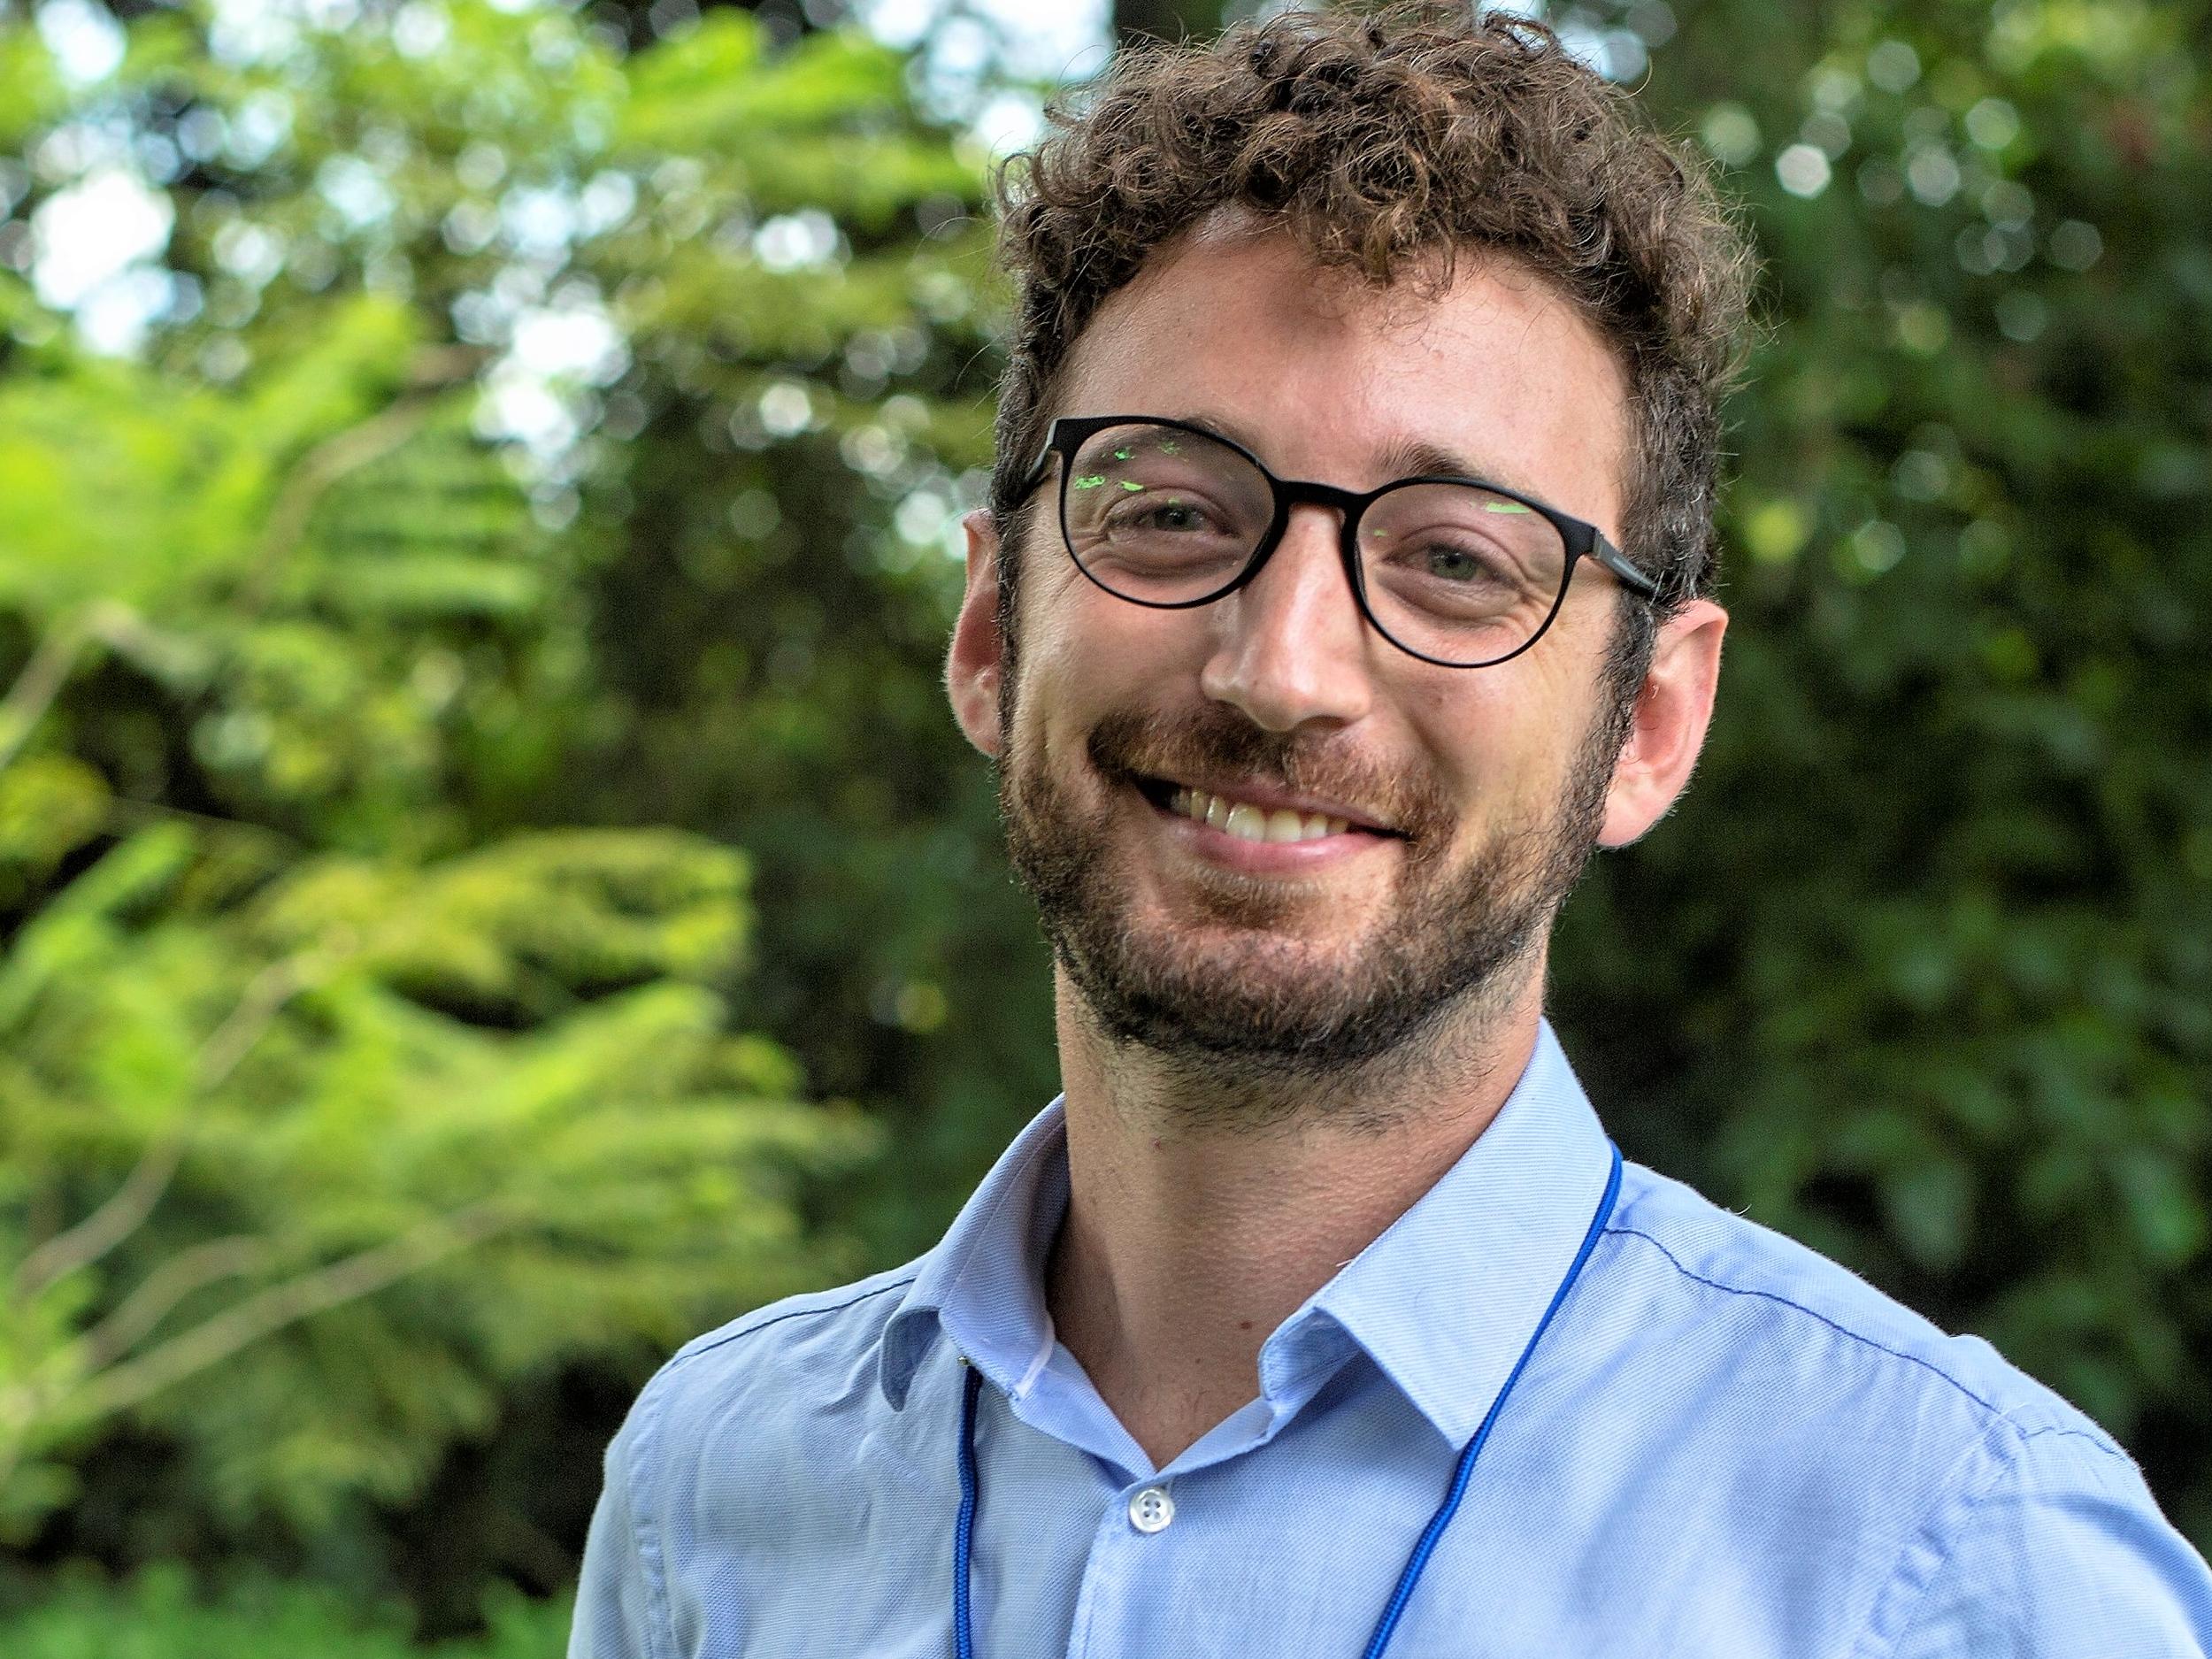 Nicolás Wertheimer - Médico y emprendedor social. CEO de Proyecto Agua Segura.